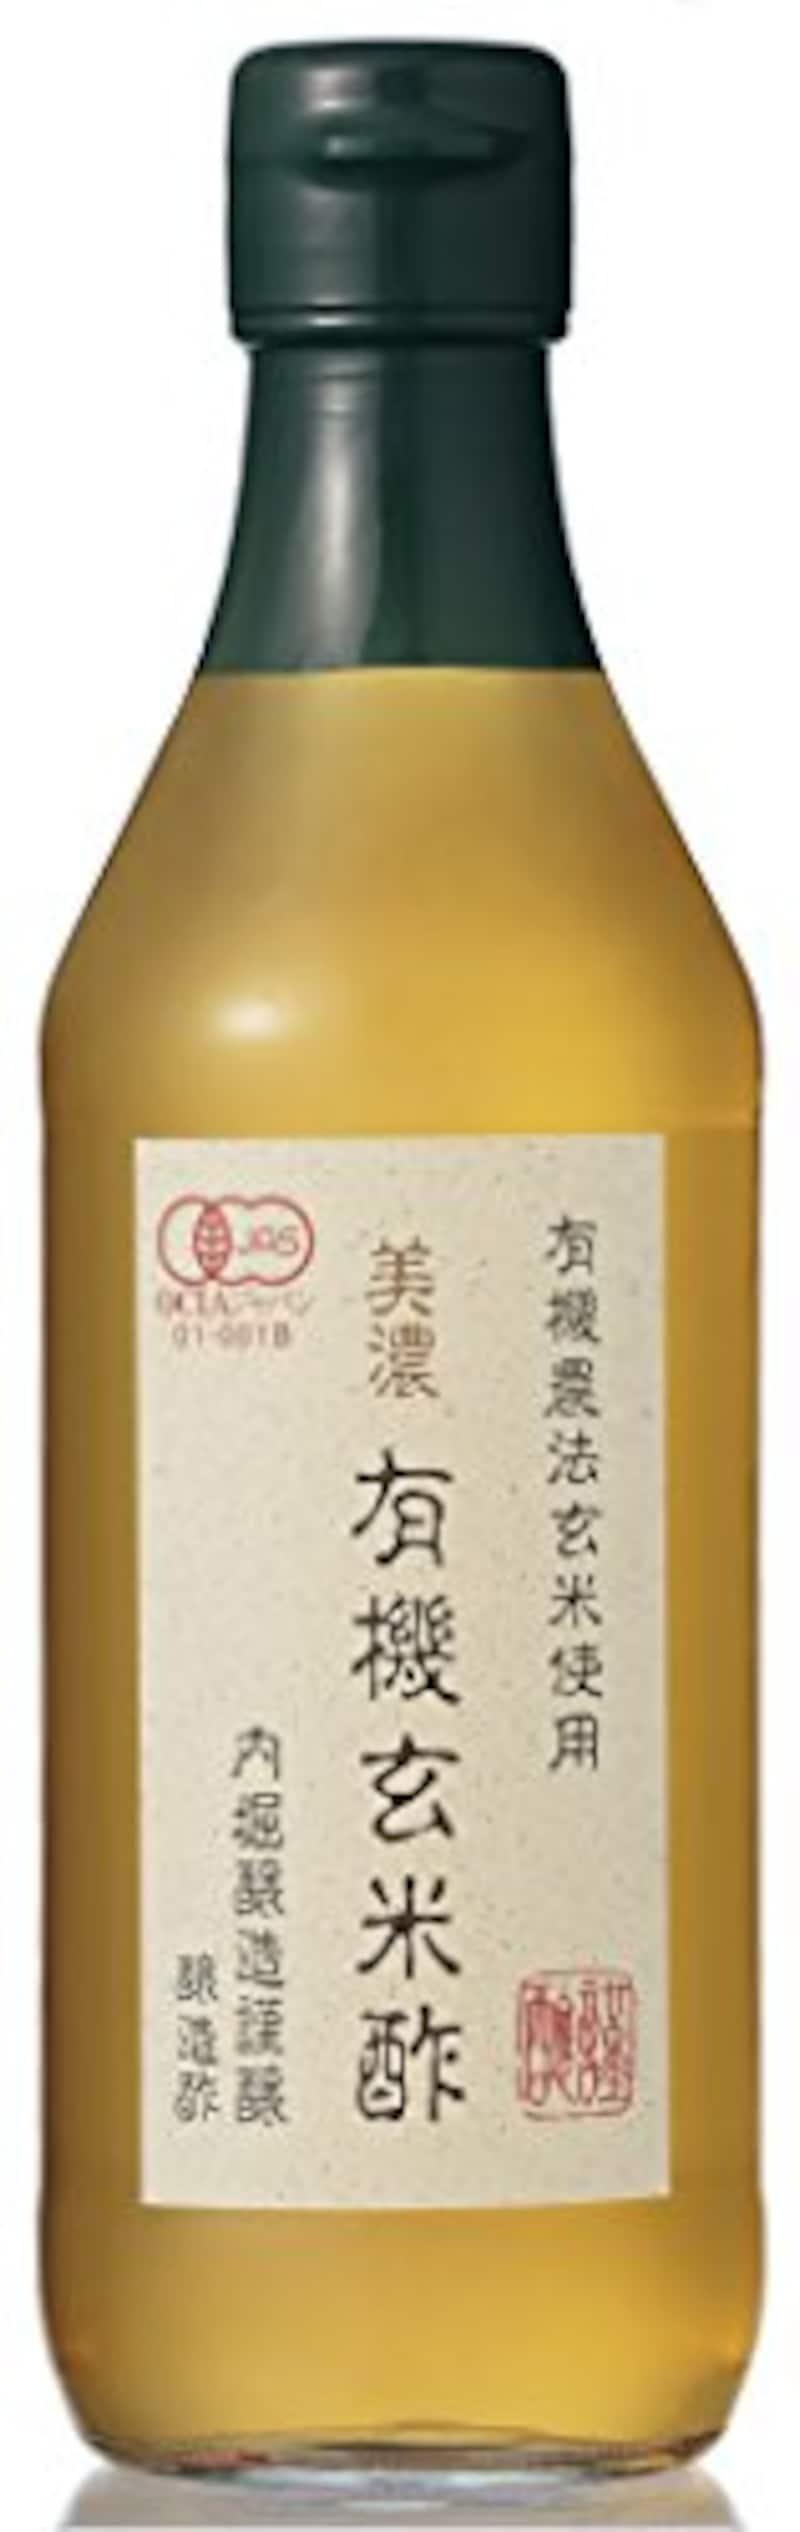 内堀醸造,美濃 有機玄米酢